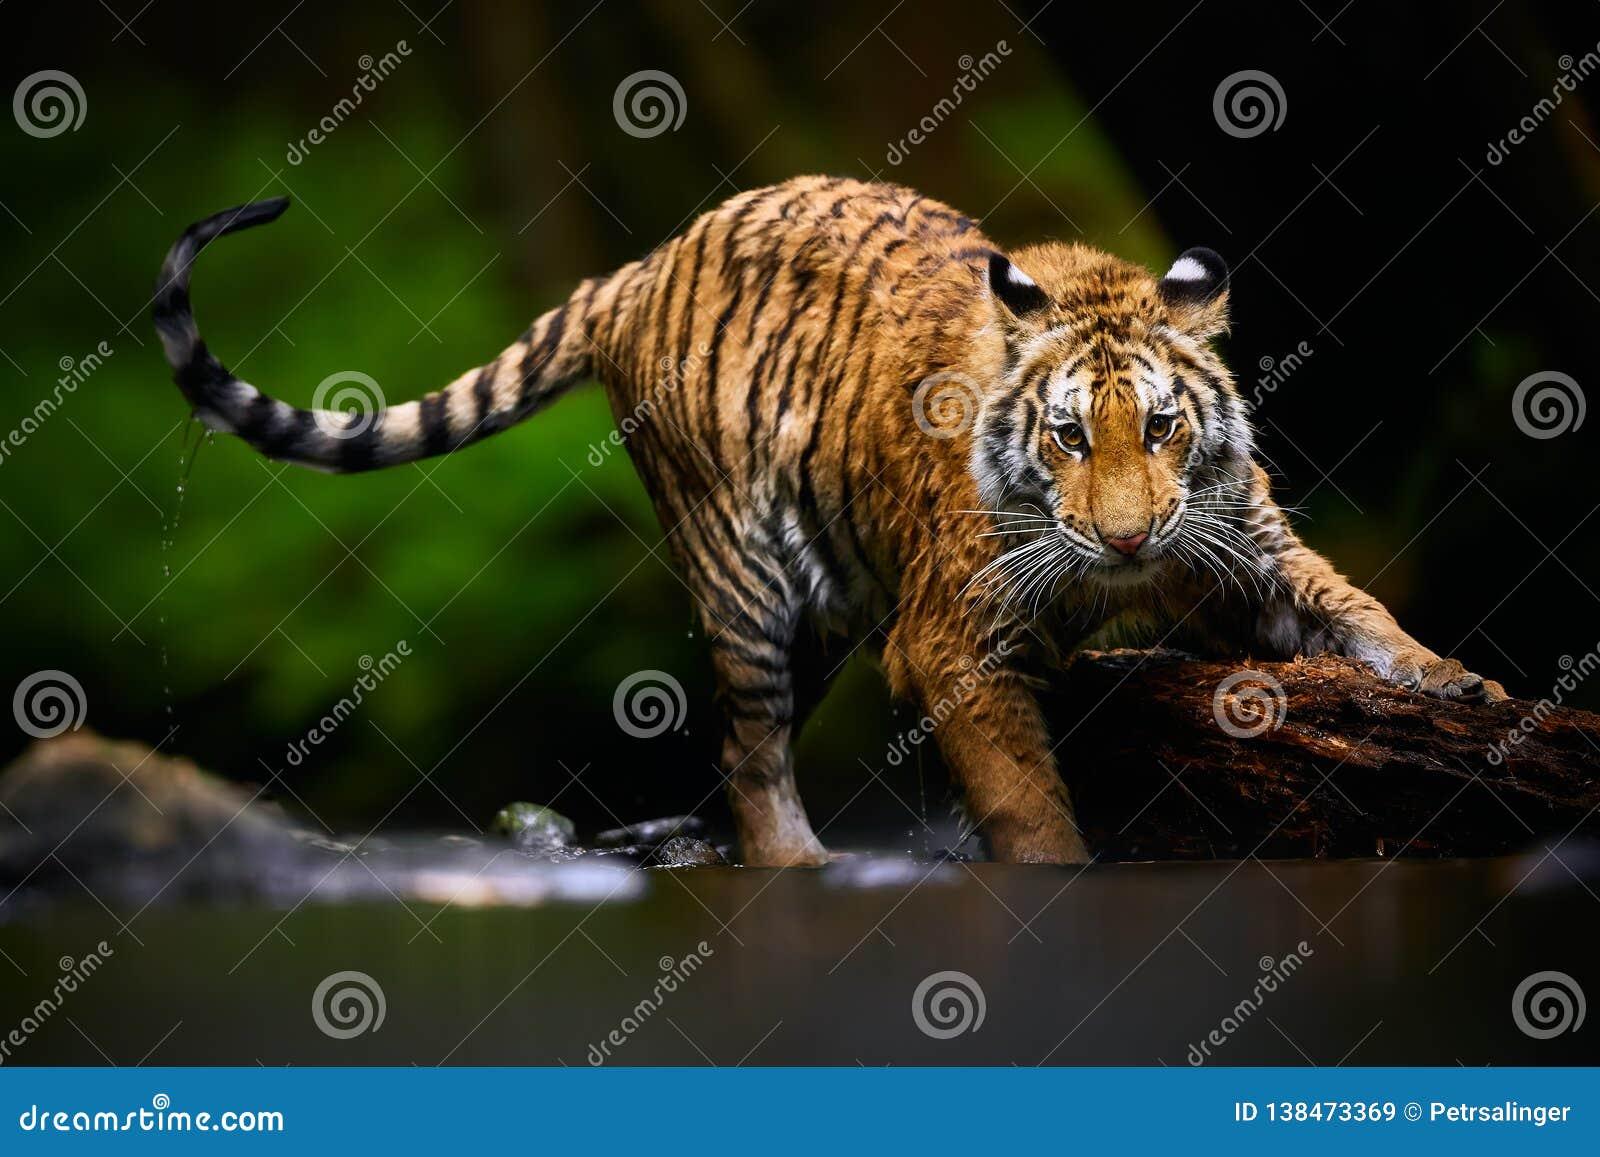 美丽的幼小东北虎-豹属底格里斯河altaica充当有大木头的河 行动野生生物场面